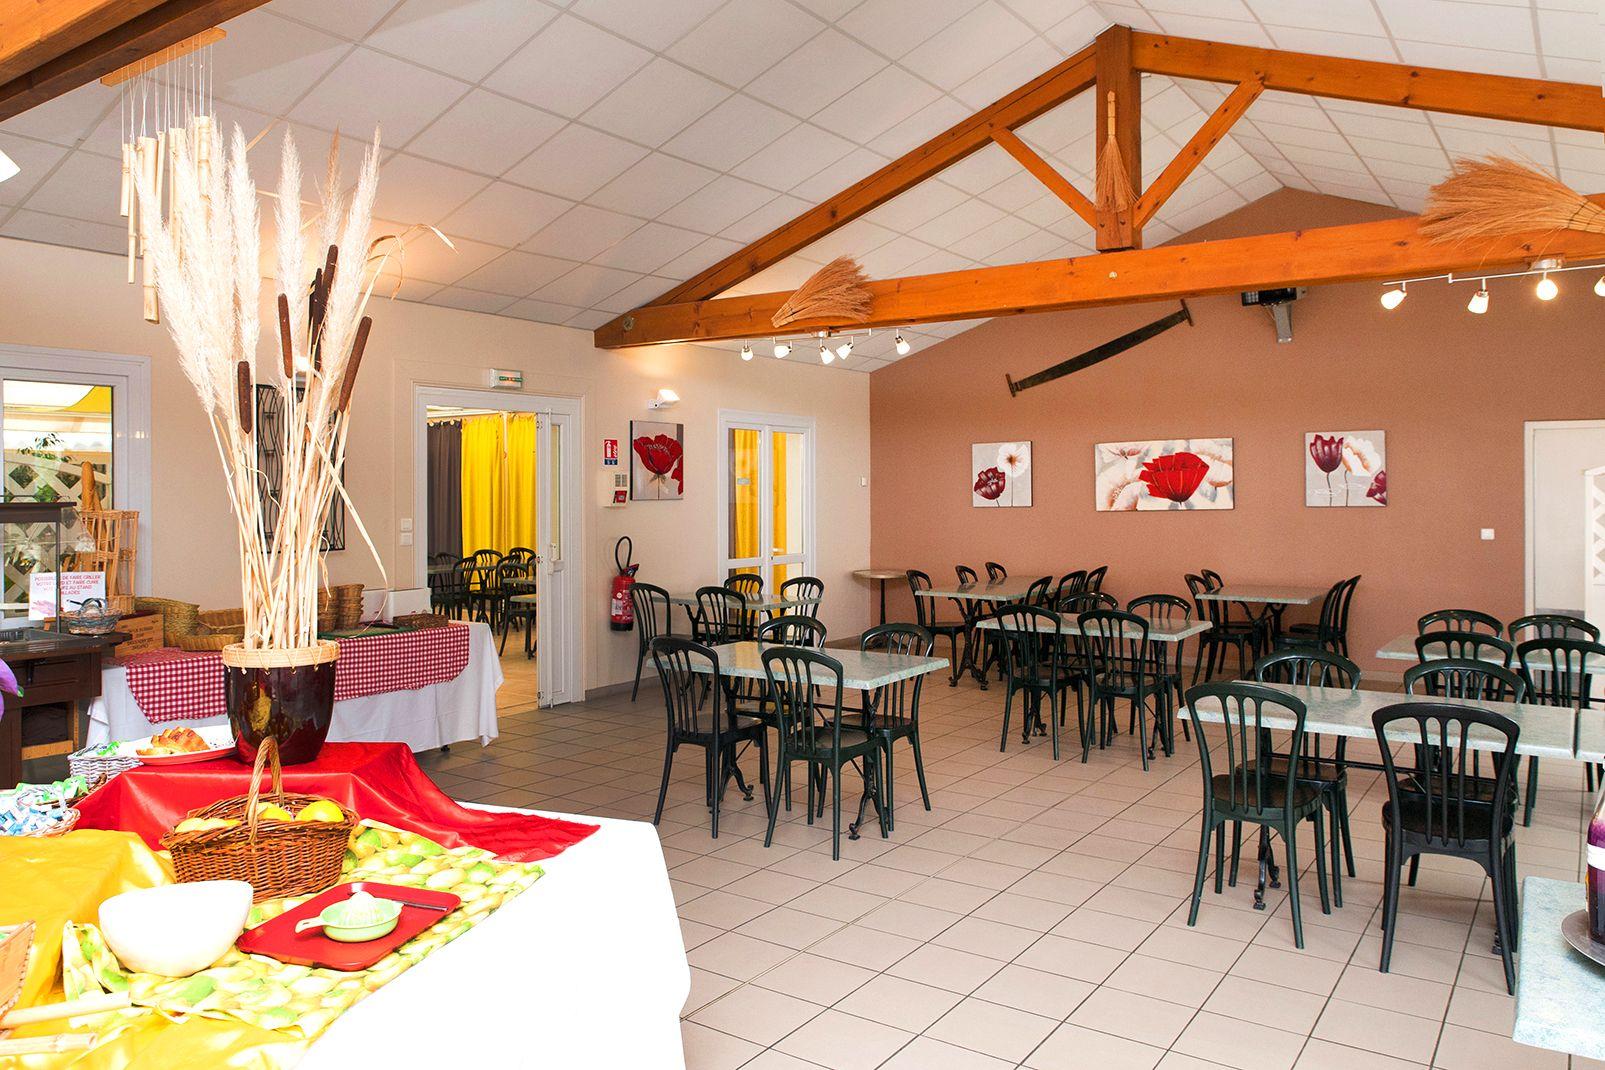 Hôtel Club mmv PLAGNE MONTALBERT Les Sittelles Village Vacances 3* - 1